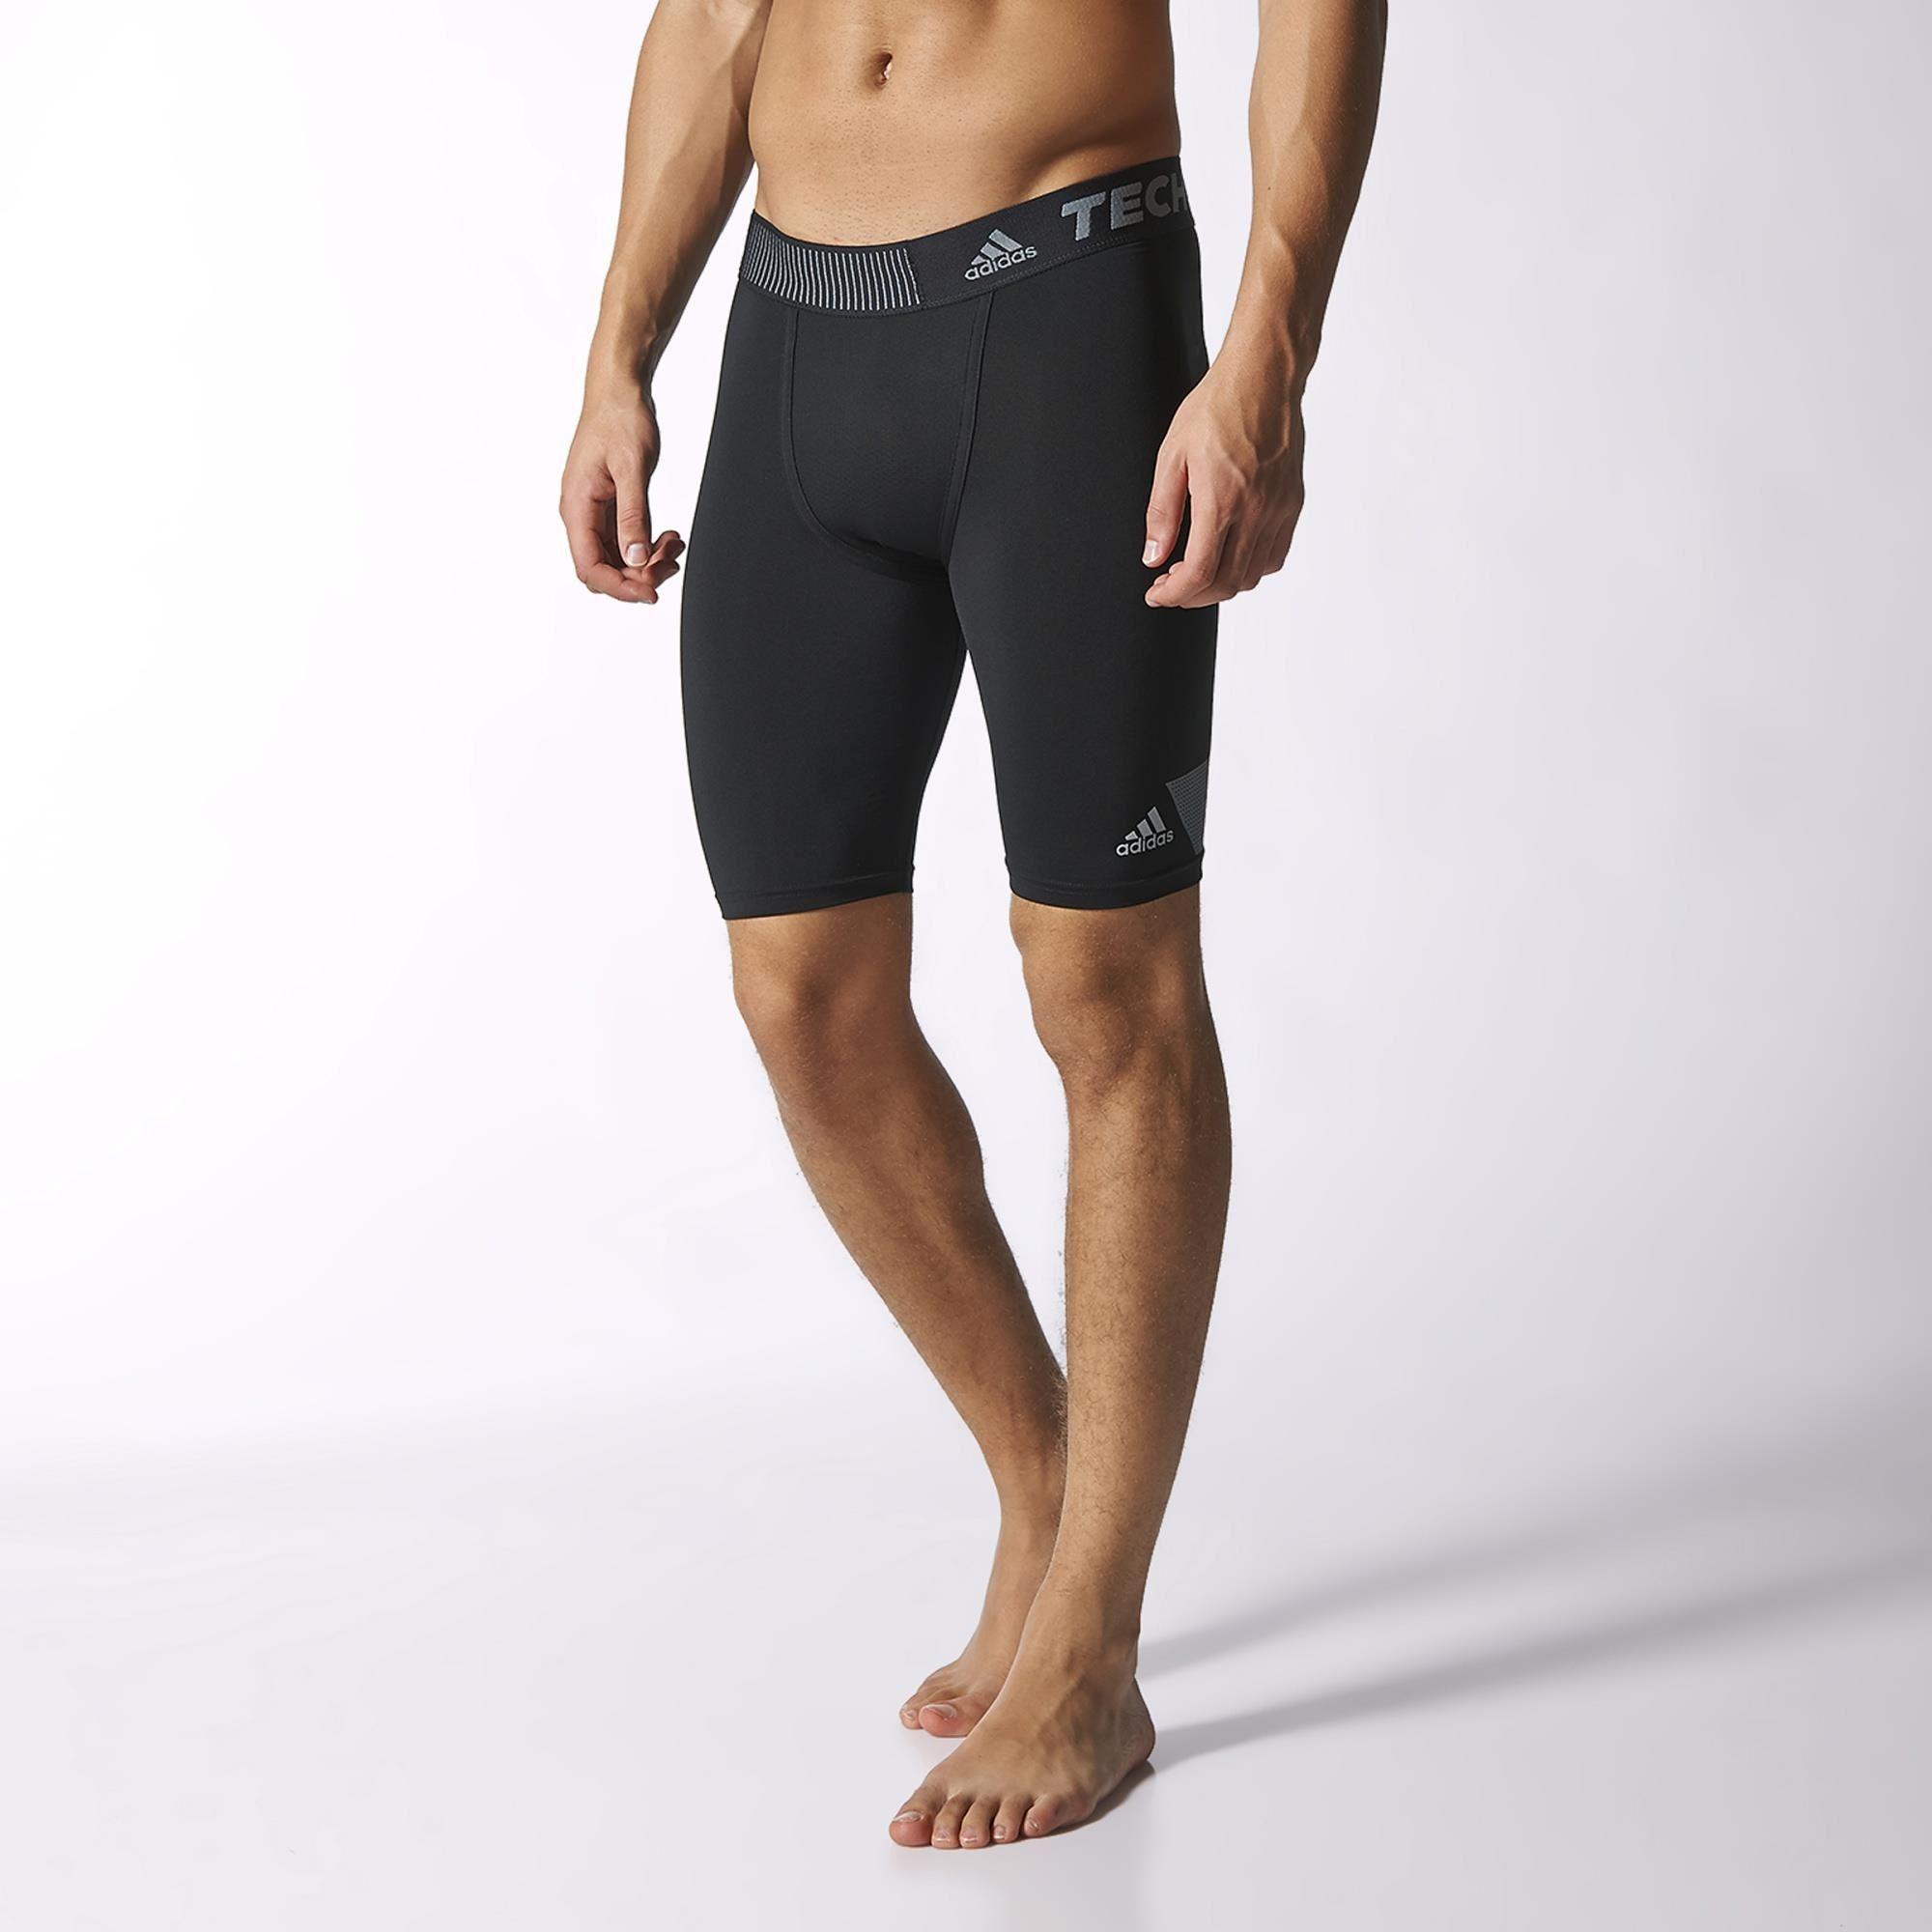 Adidas Mens Techfit Cool 9-Inch Short Tights